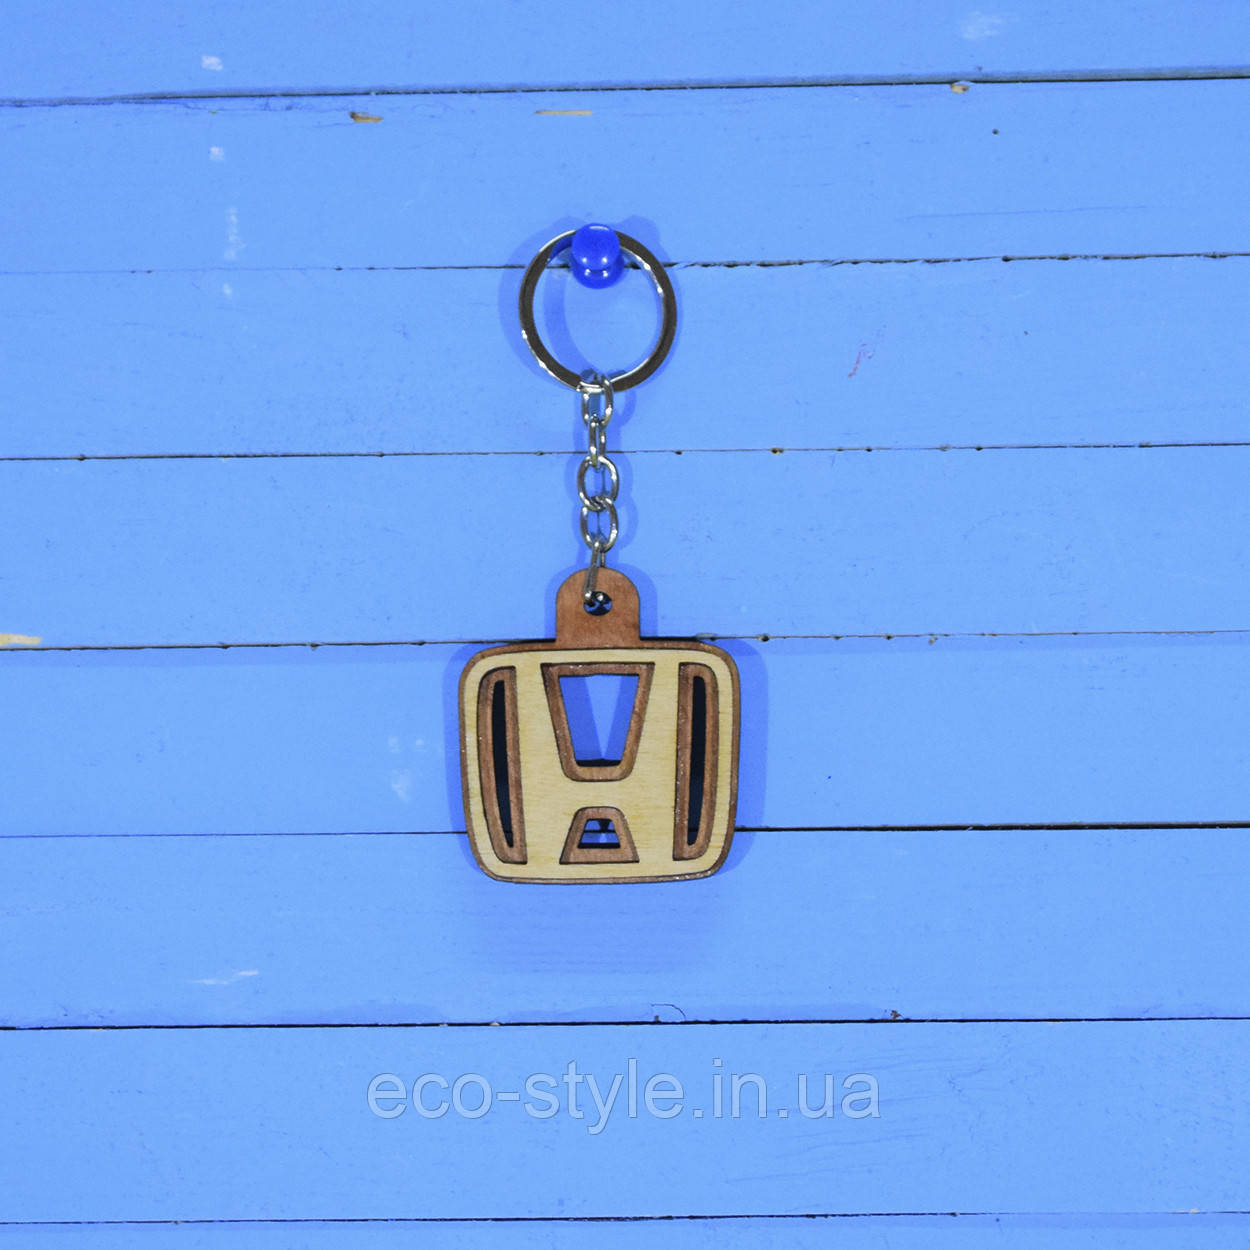 Брелок на ключи, автобрелок, брелок для автомобильных ключей